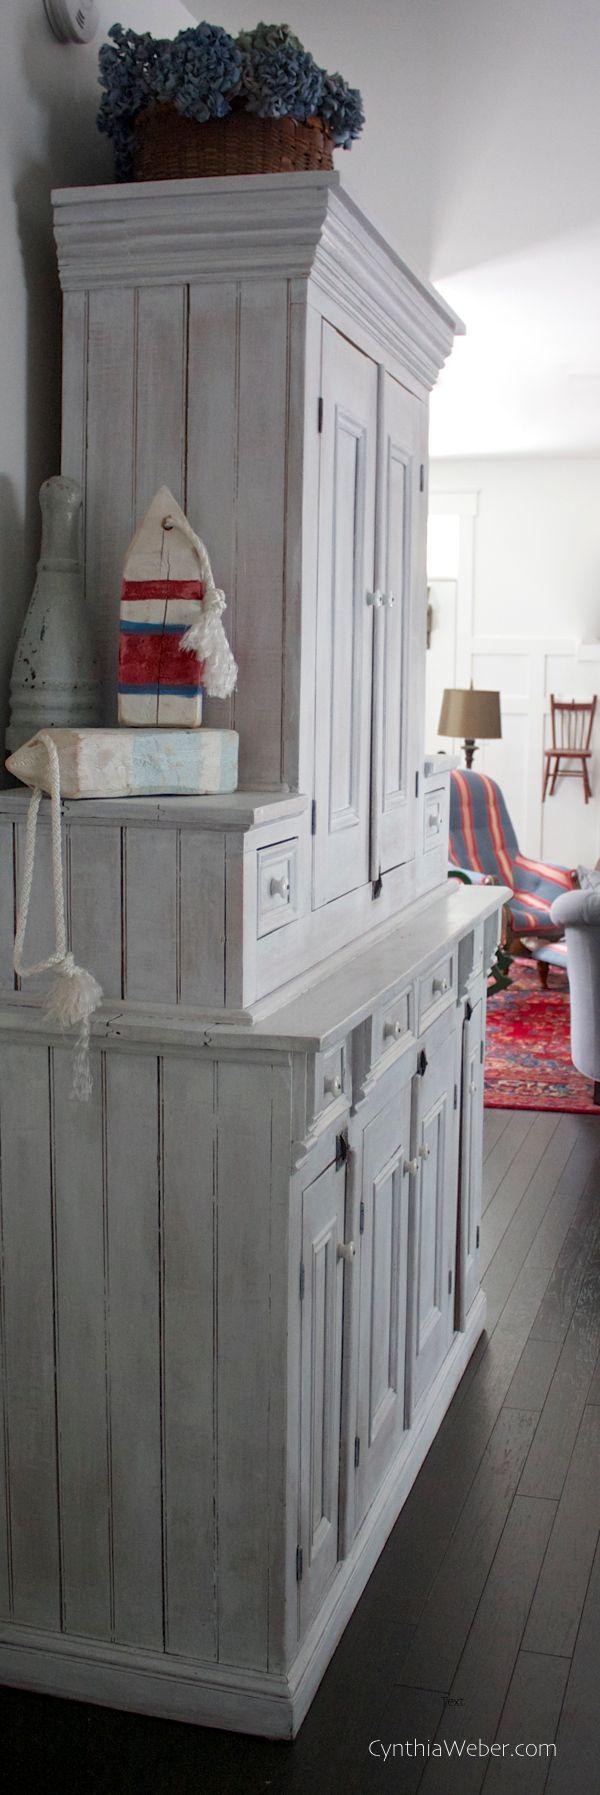 Antique Quebec Flatwall Cupboard whitewashed for coastal charm… CynthiaWeber.com